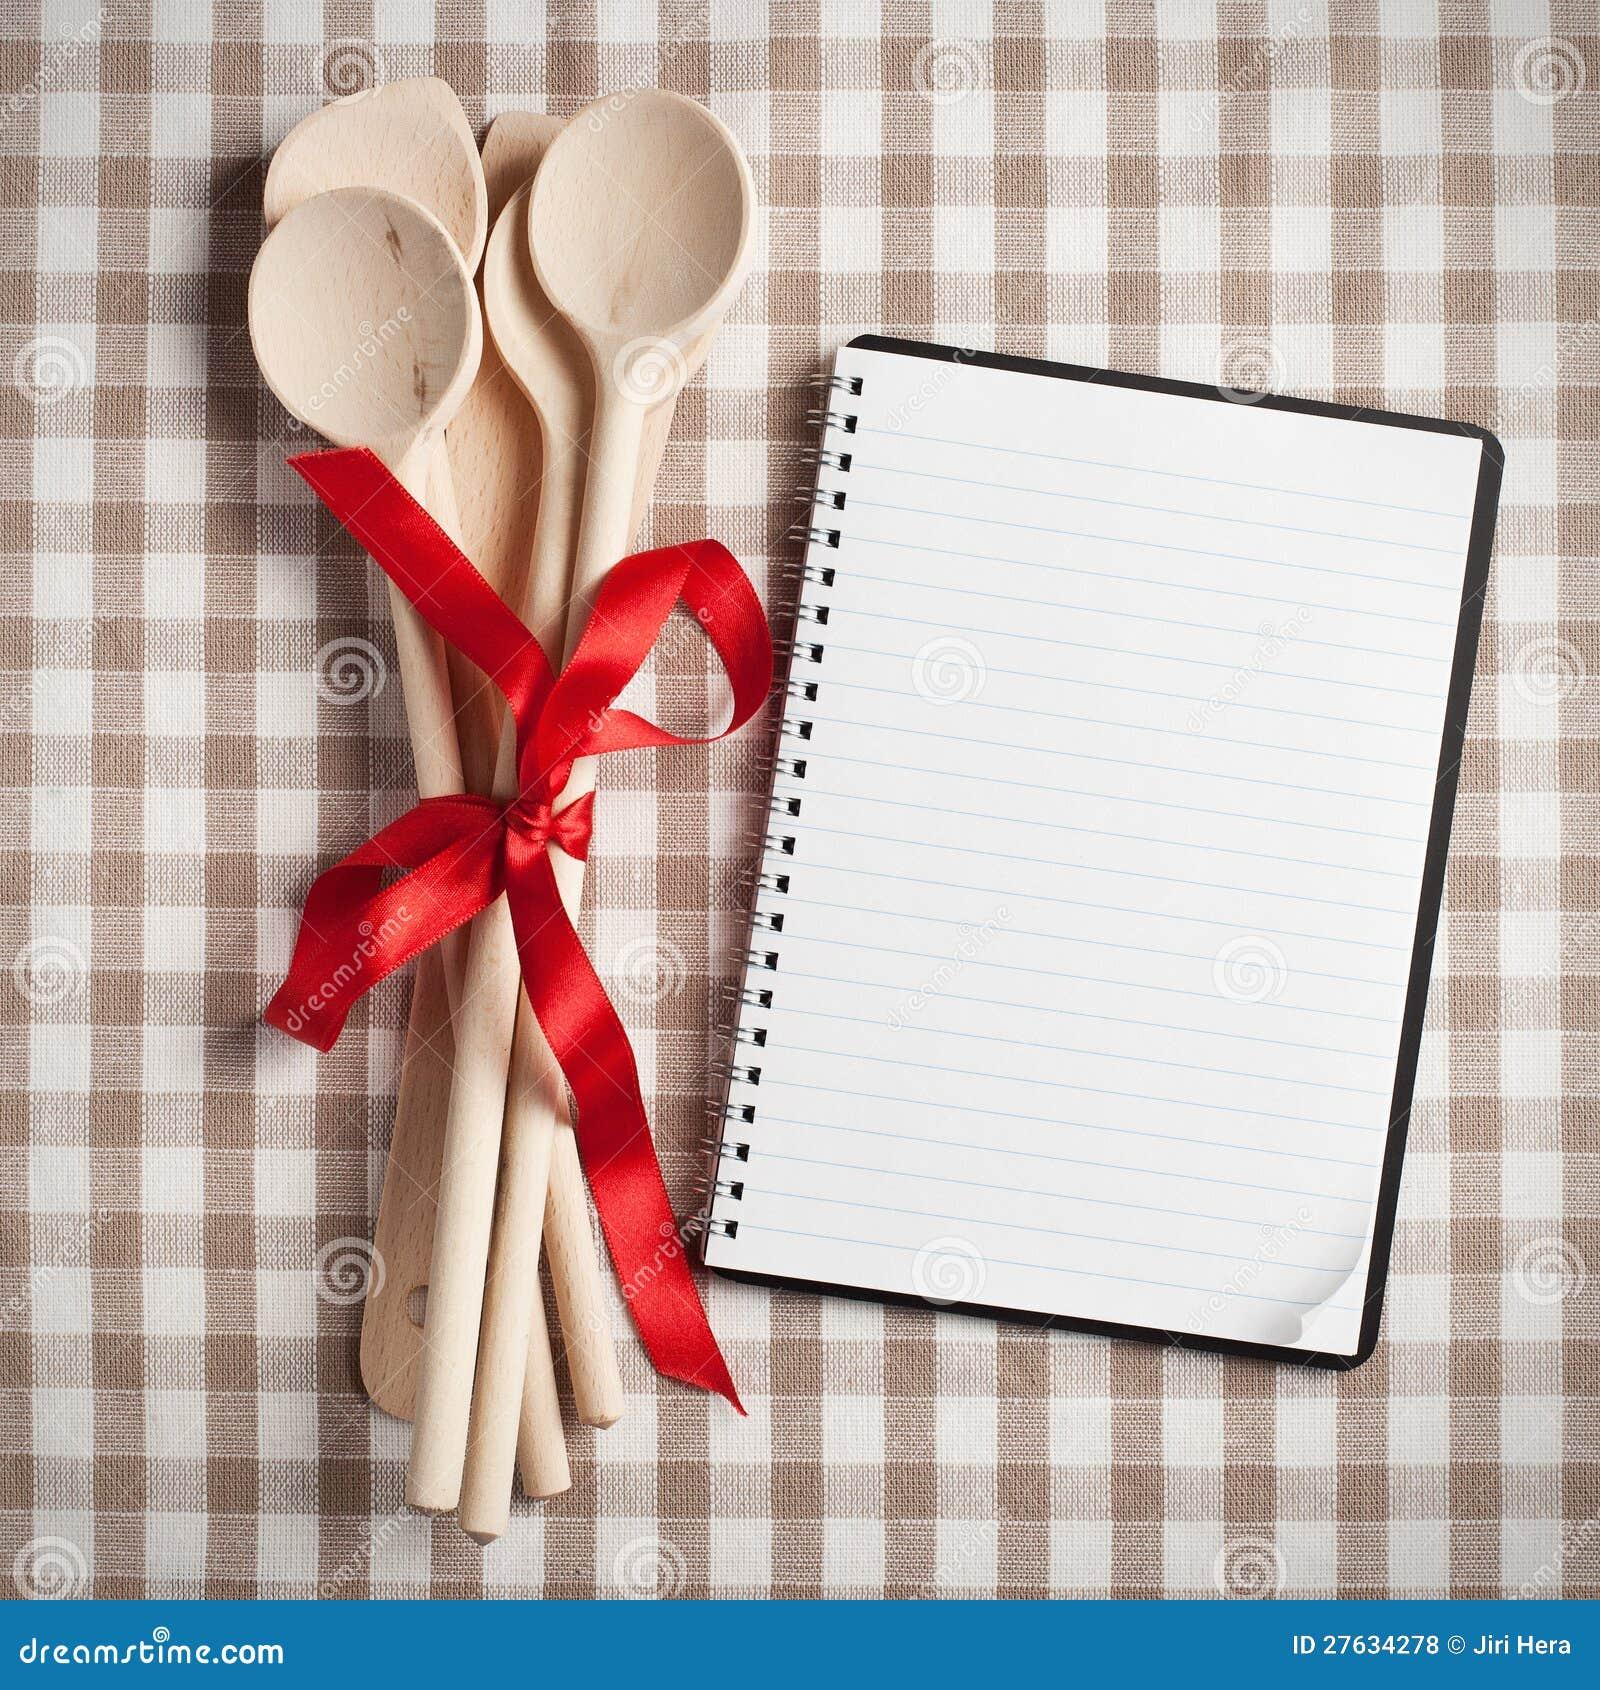 ustensile de cuisine avec le livre blanc de recette photo stock image du panneau repas 27634278. Black Bedroom Furniture Sets. Home Design Ideas